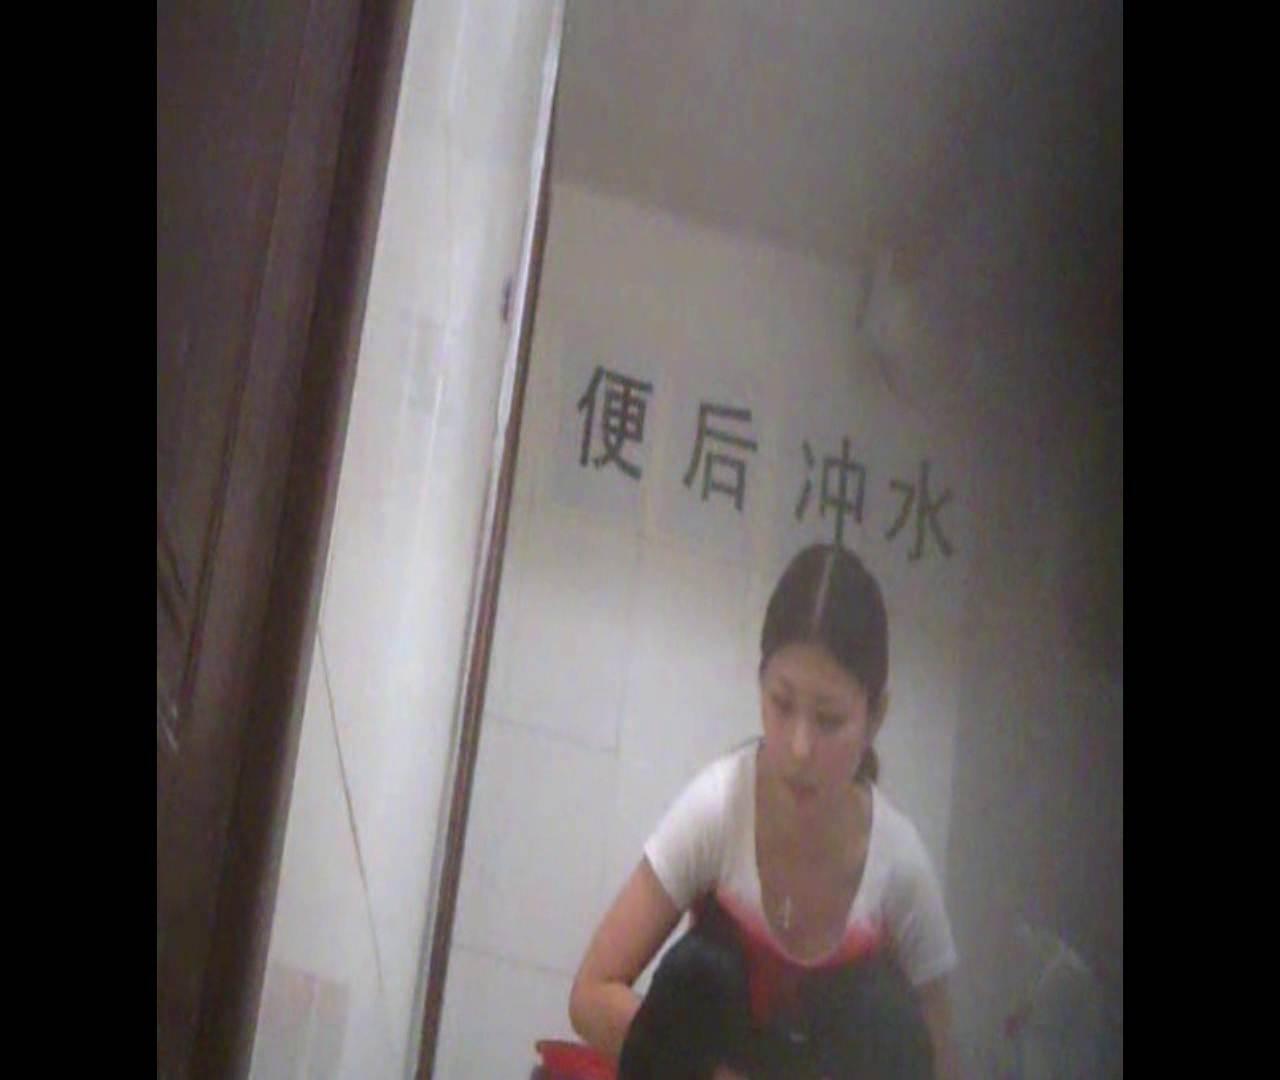 無修正エロ動画:Vol.02 かがむ時の胸元は要注意!:怪盗ジョーカー